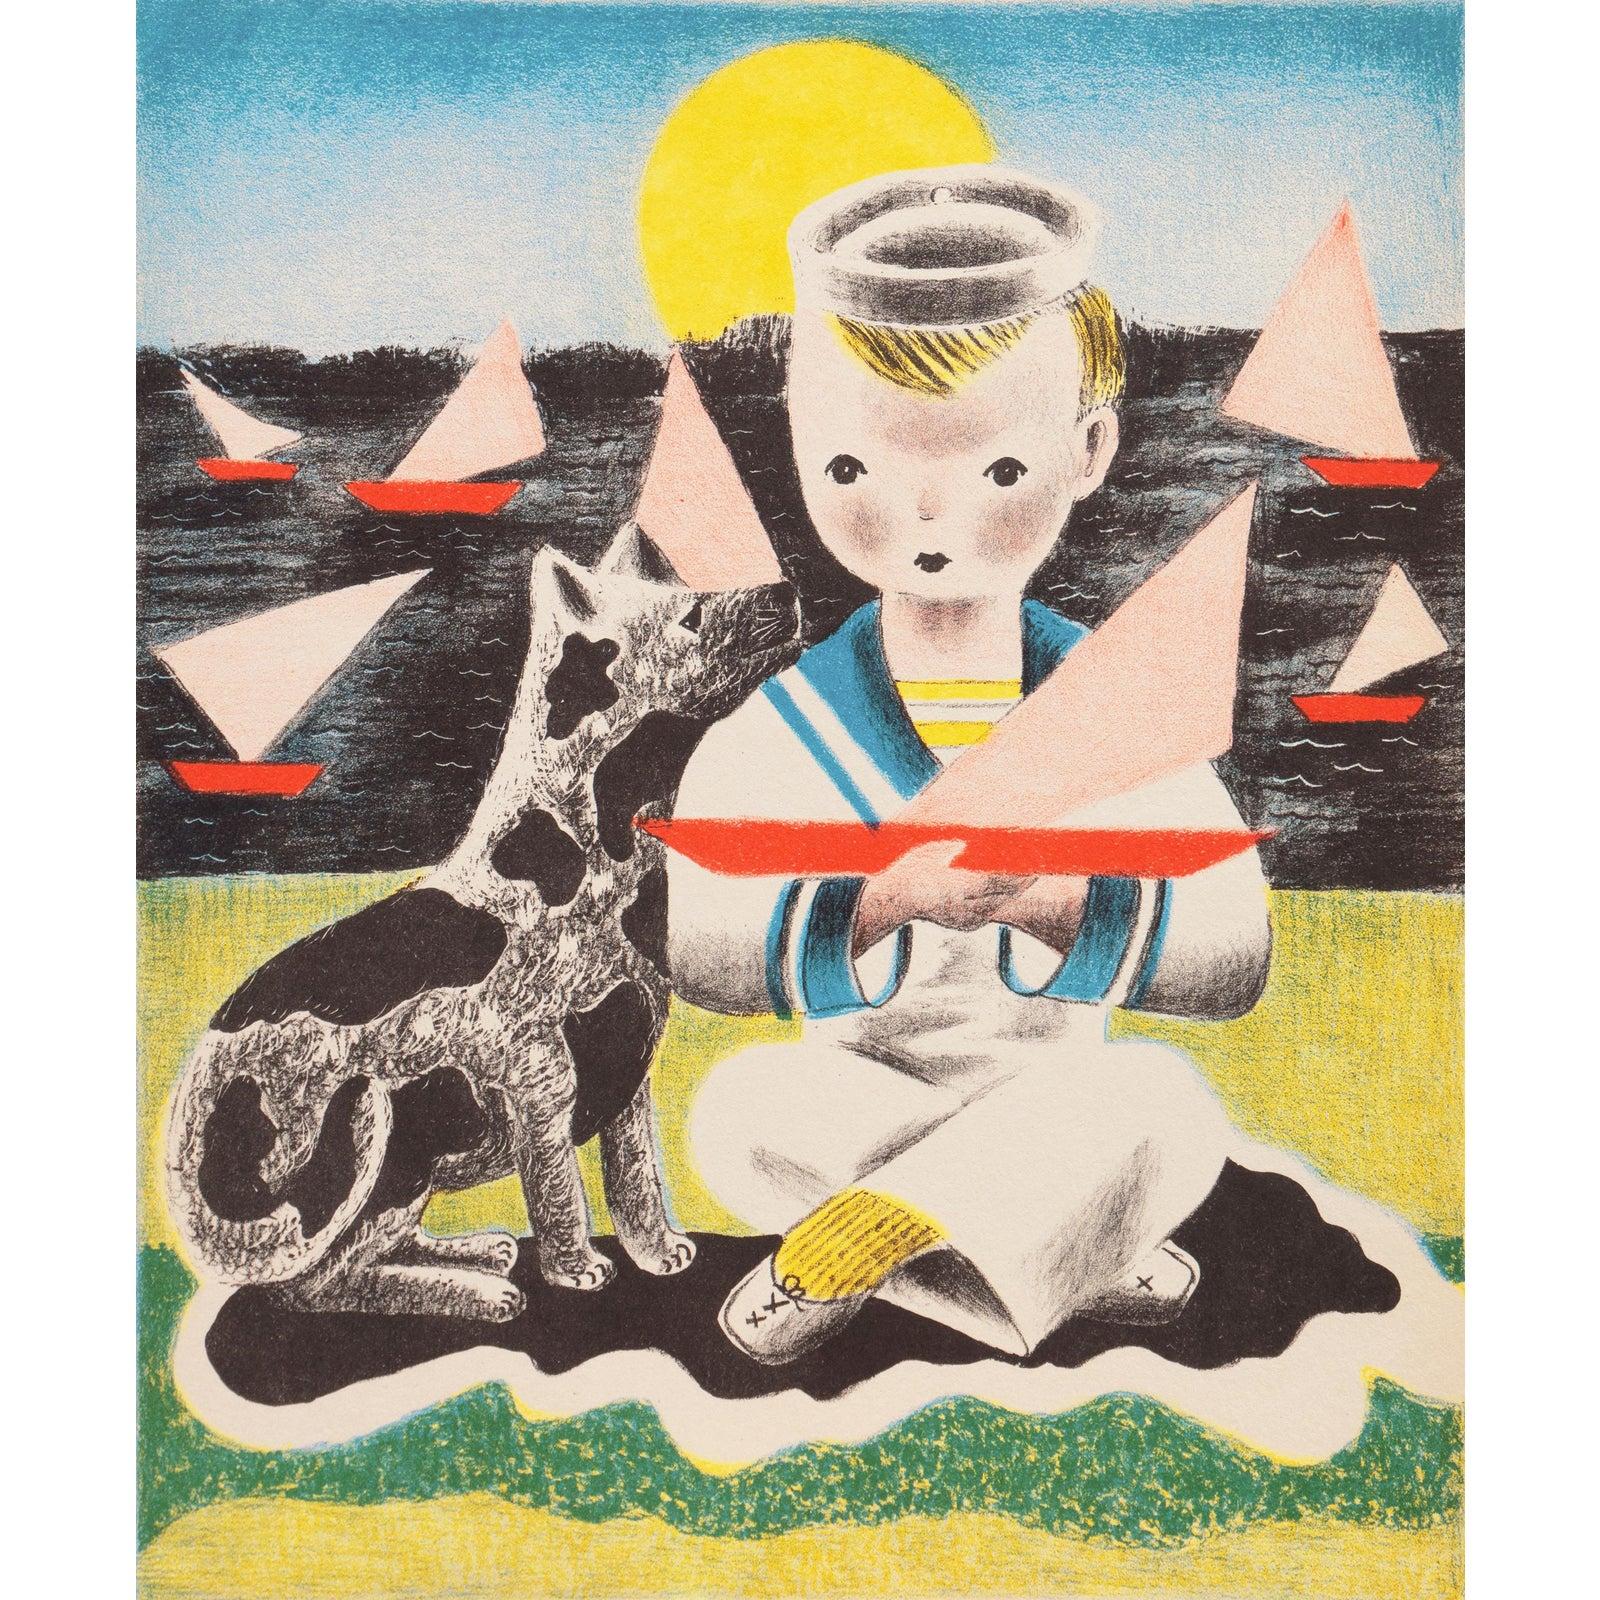 'Edward' by Nura Ulreich, 1943, Art Student's League, Salon D'Automne, Art Deco, Paris   Chairish